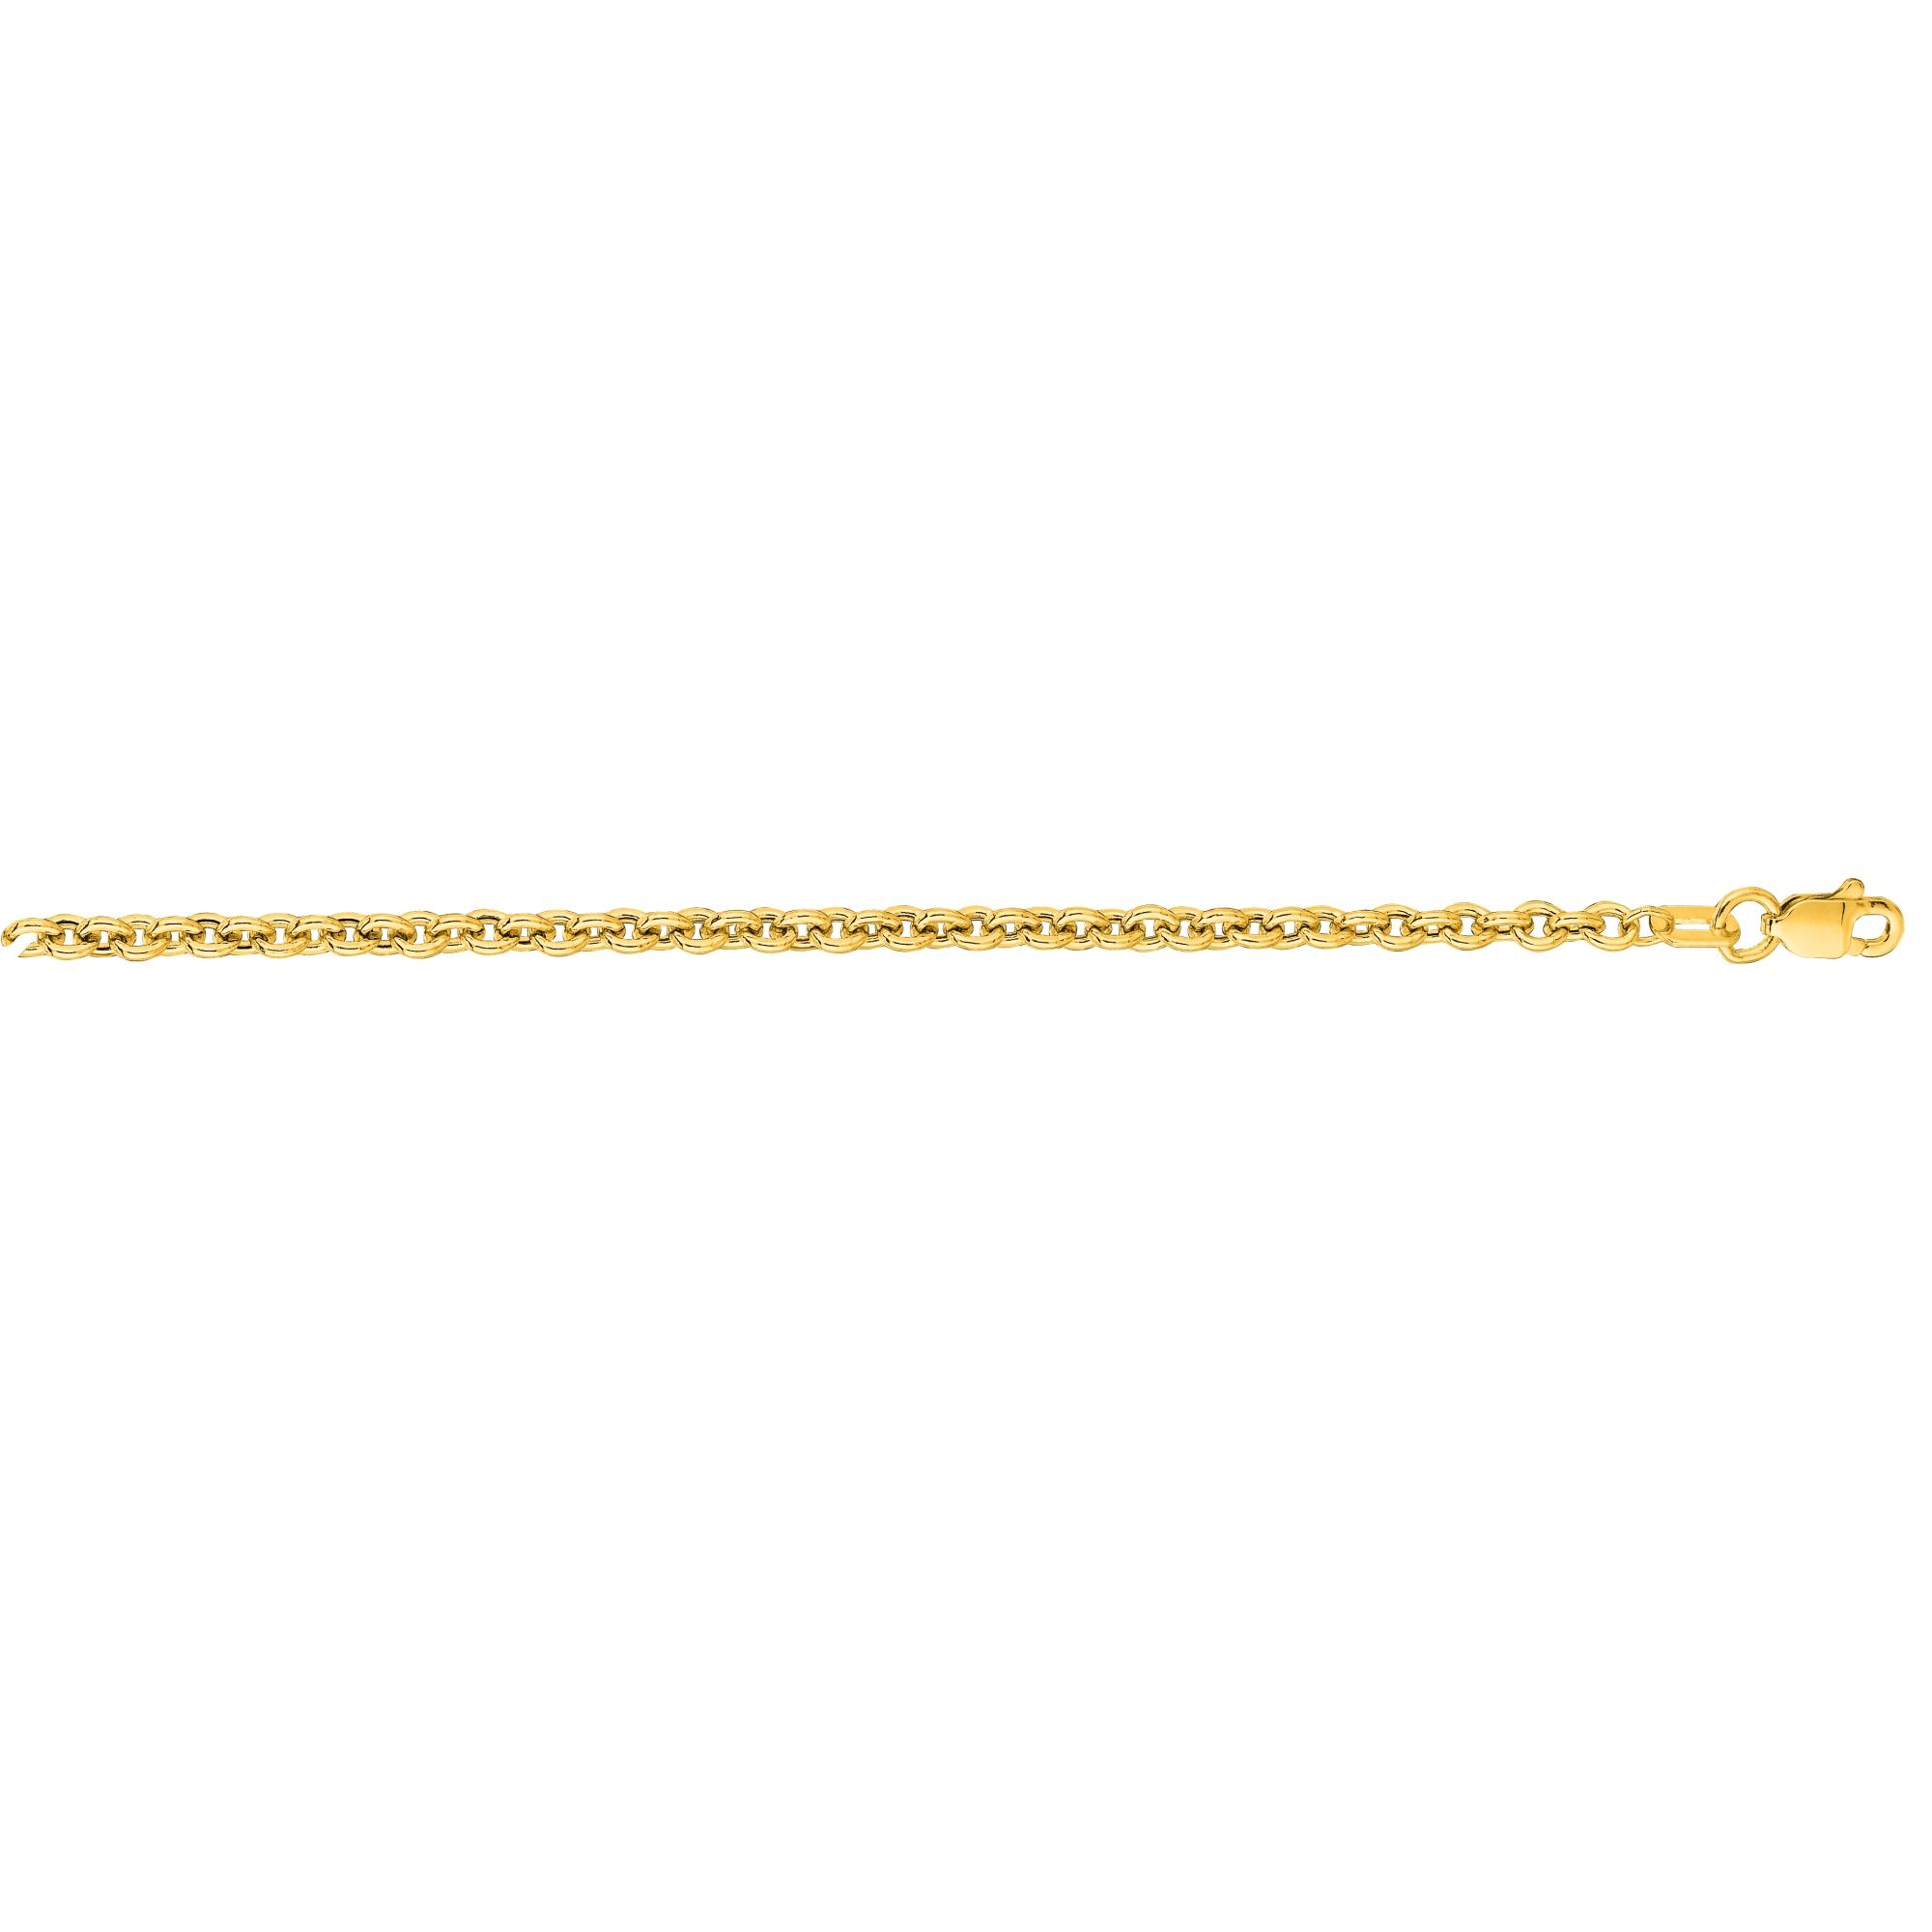 Hollow 14k Gold Forsantina Chain For Men & Women 3mm Wide